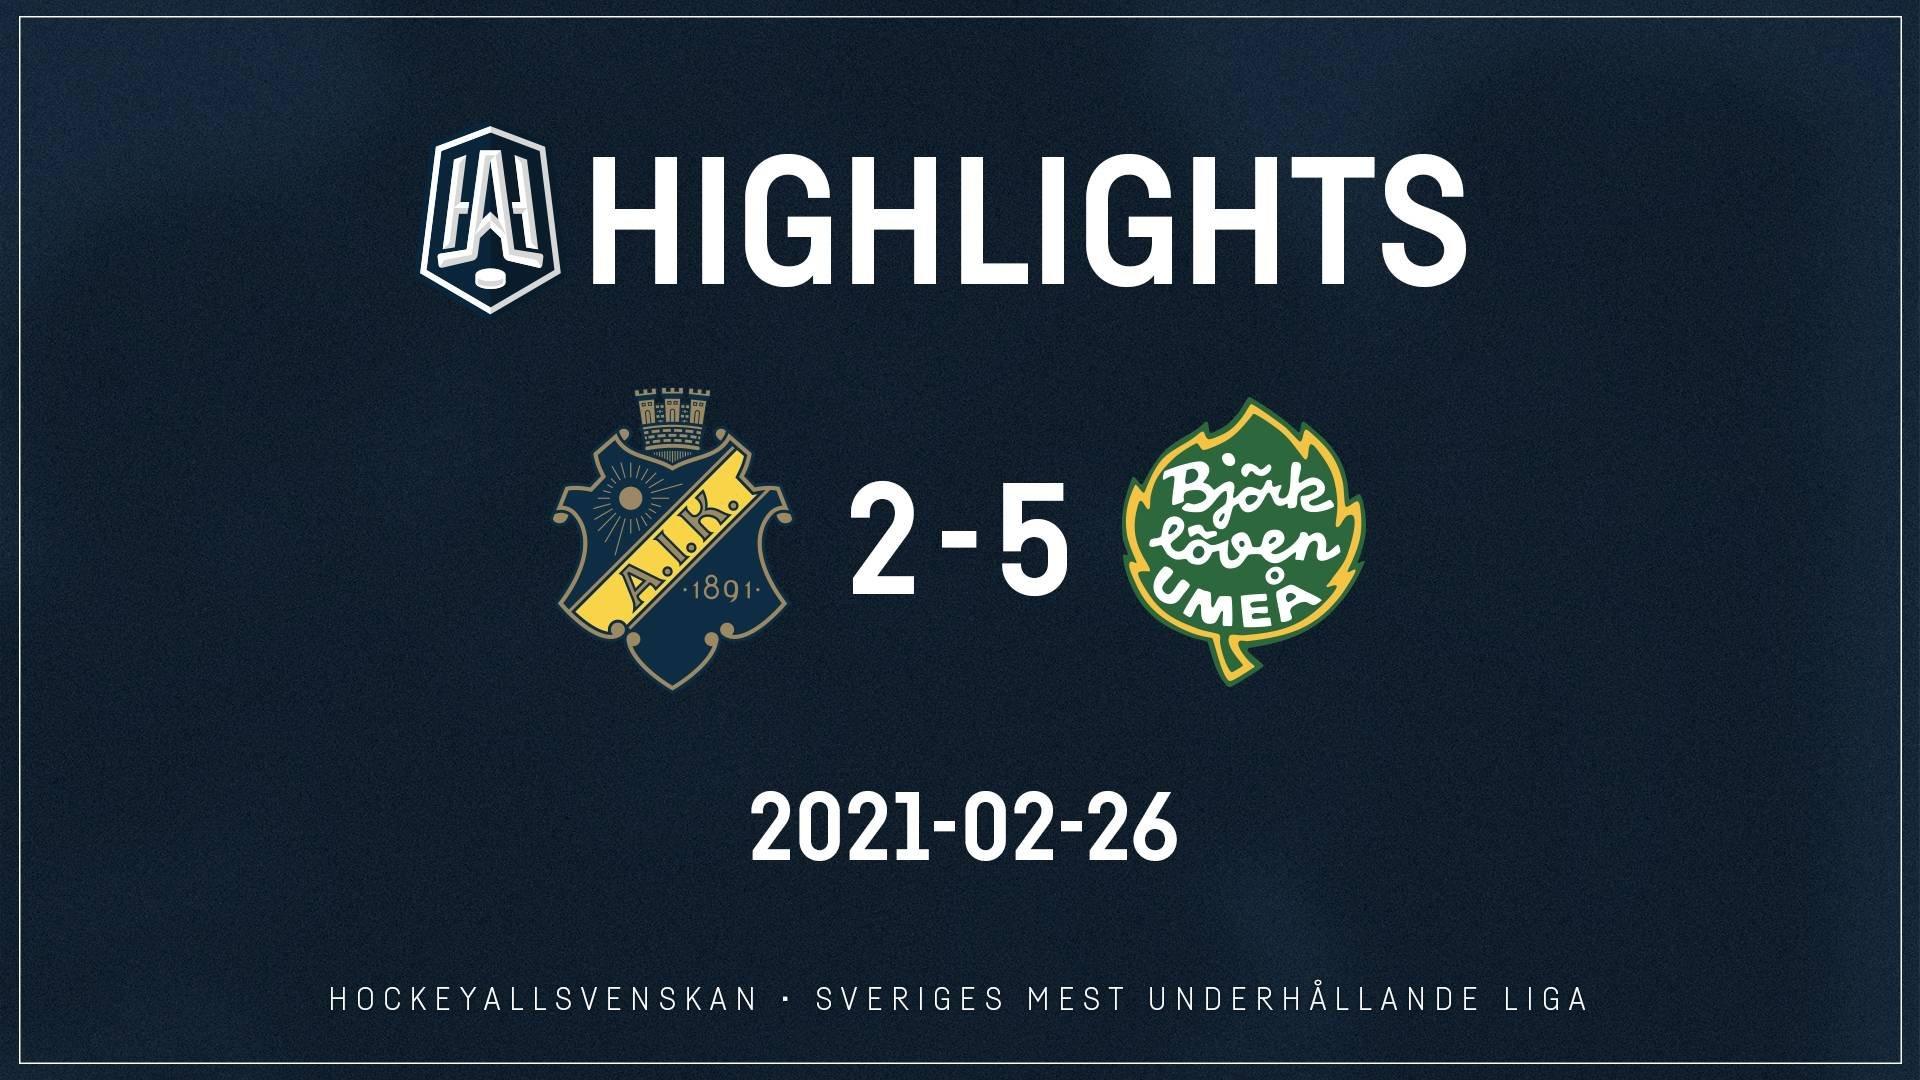 2021-02-26 AIK - Björklöven 2-5